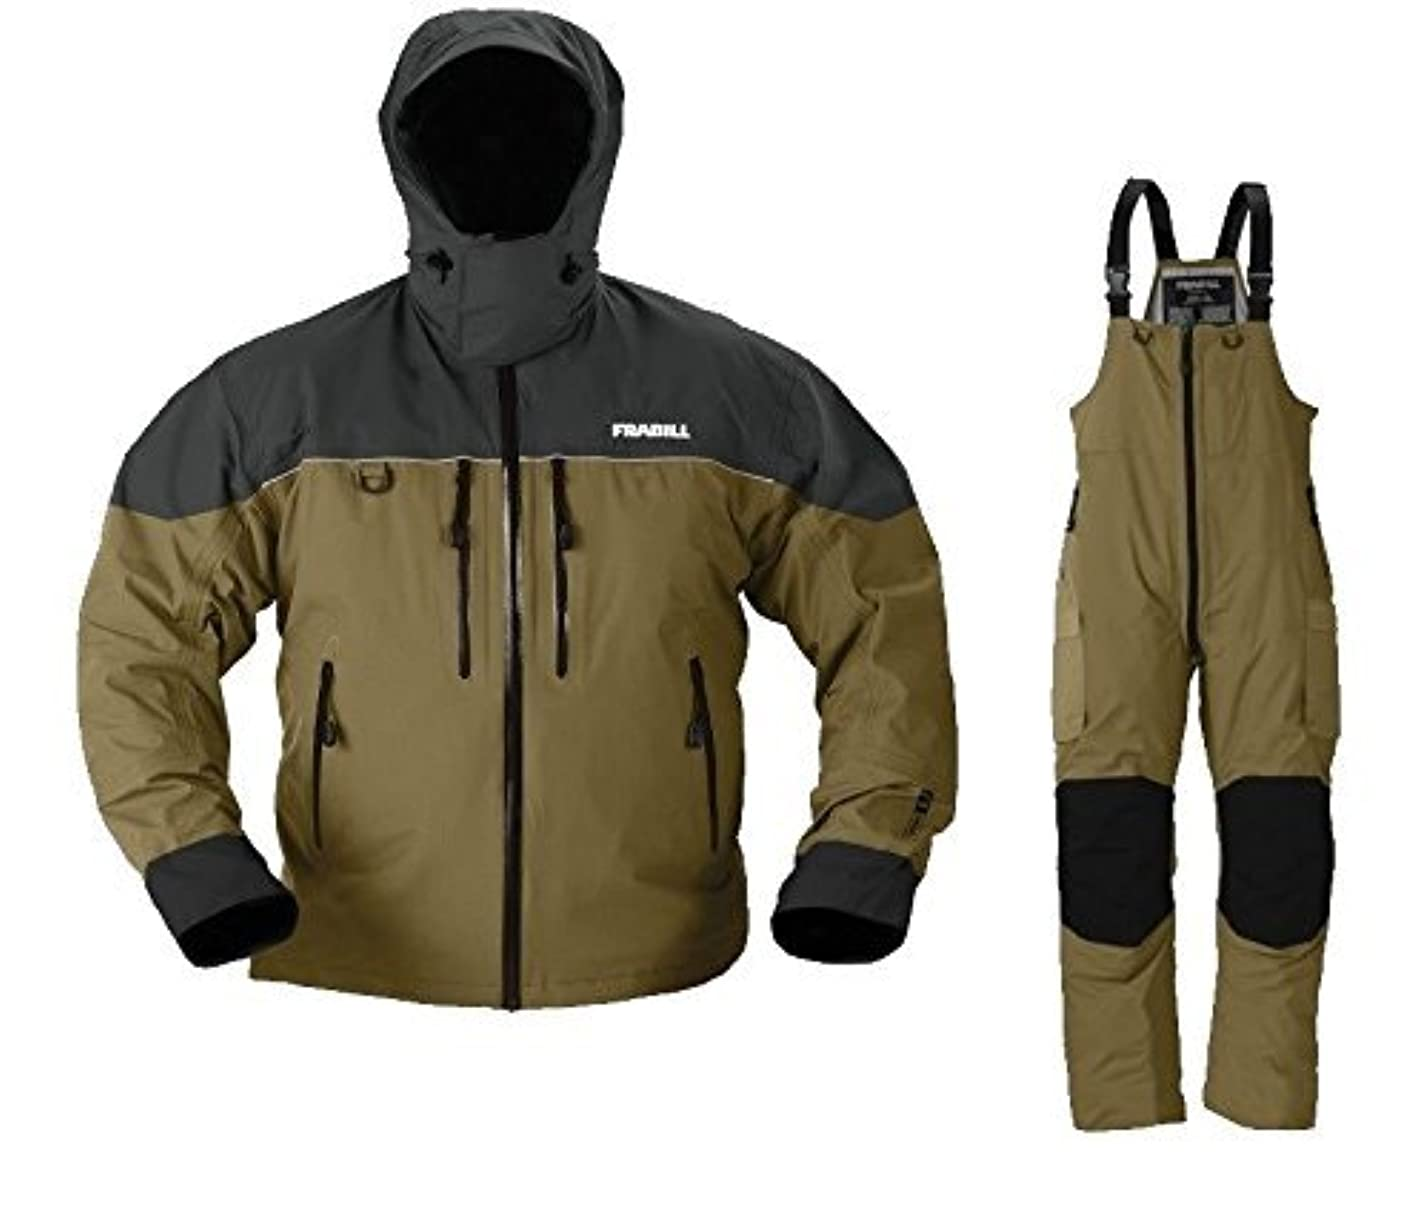 シャイニングフォーカス魅了するFrabill f3 Galeジャケットとパンツスーツ – ブラウン – 3 x l